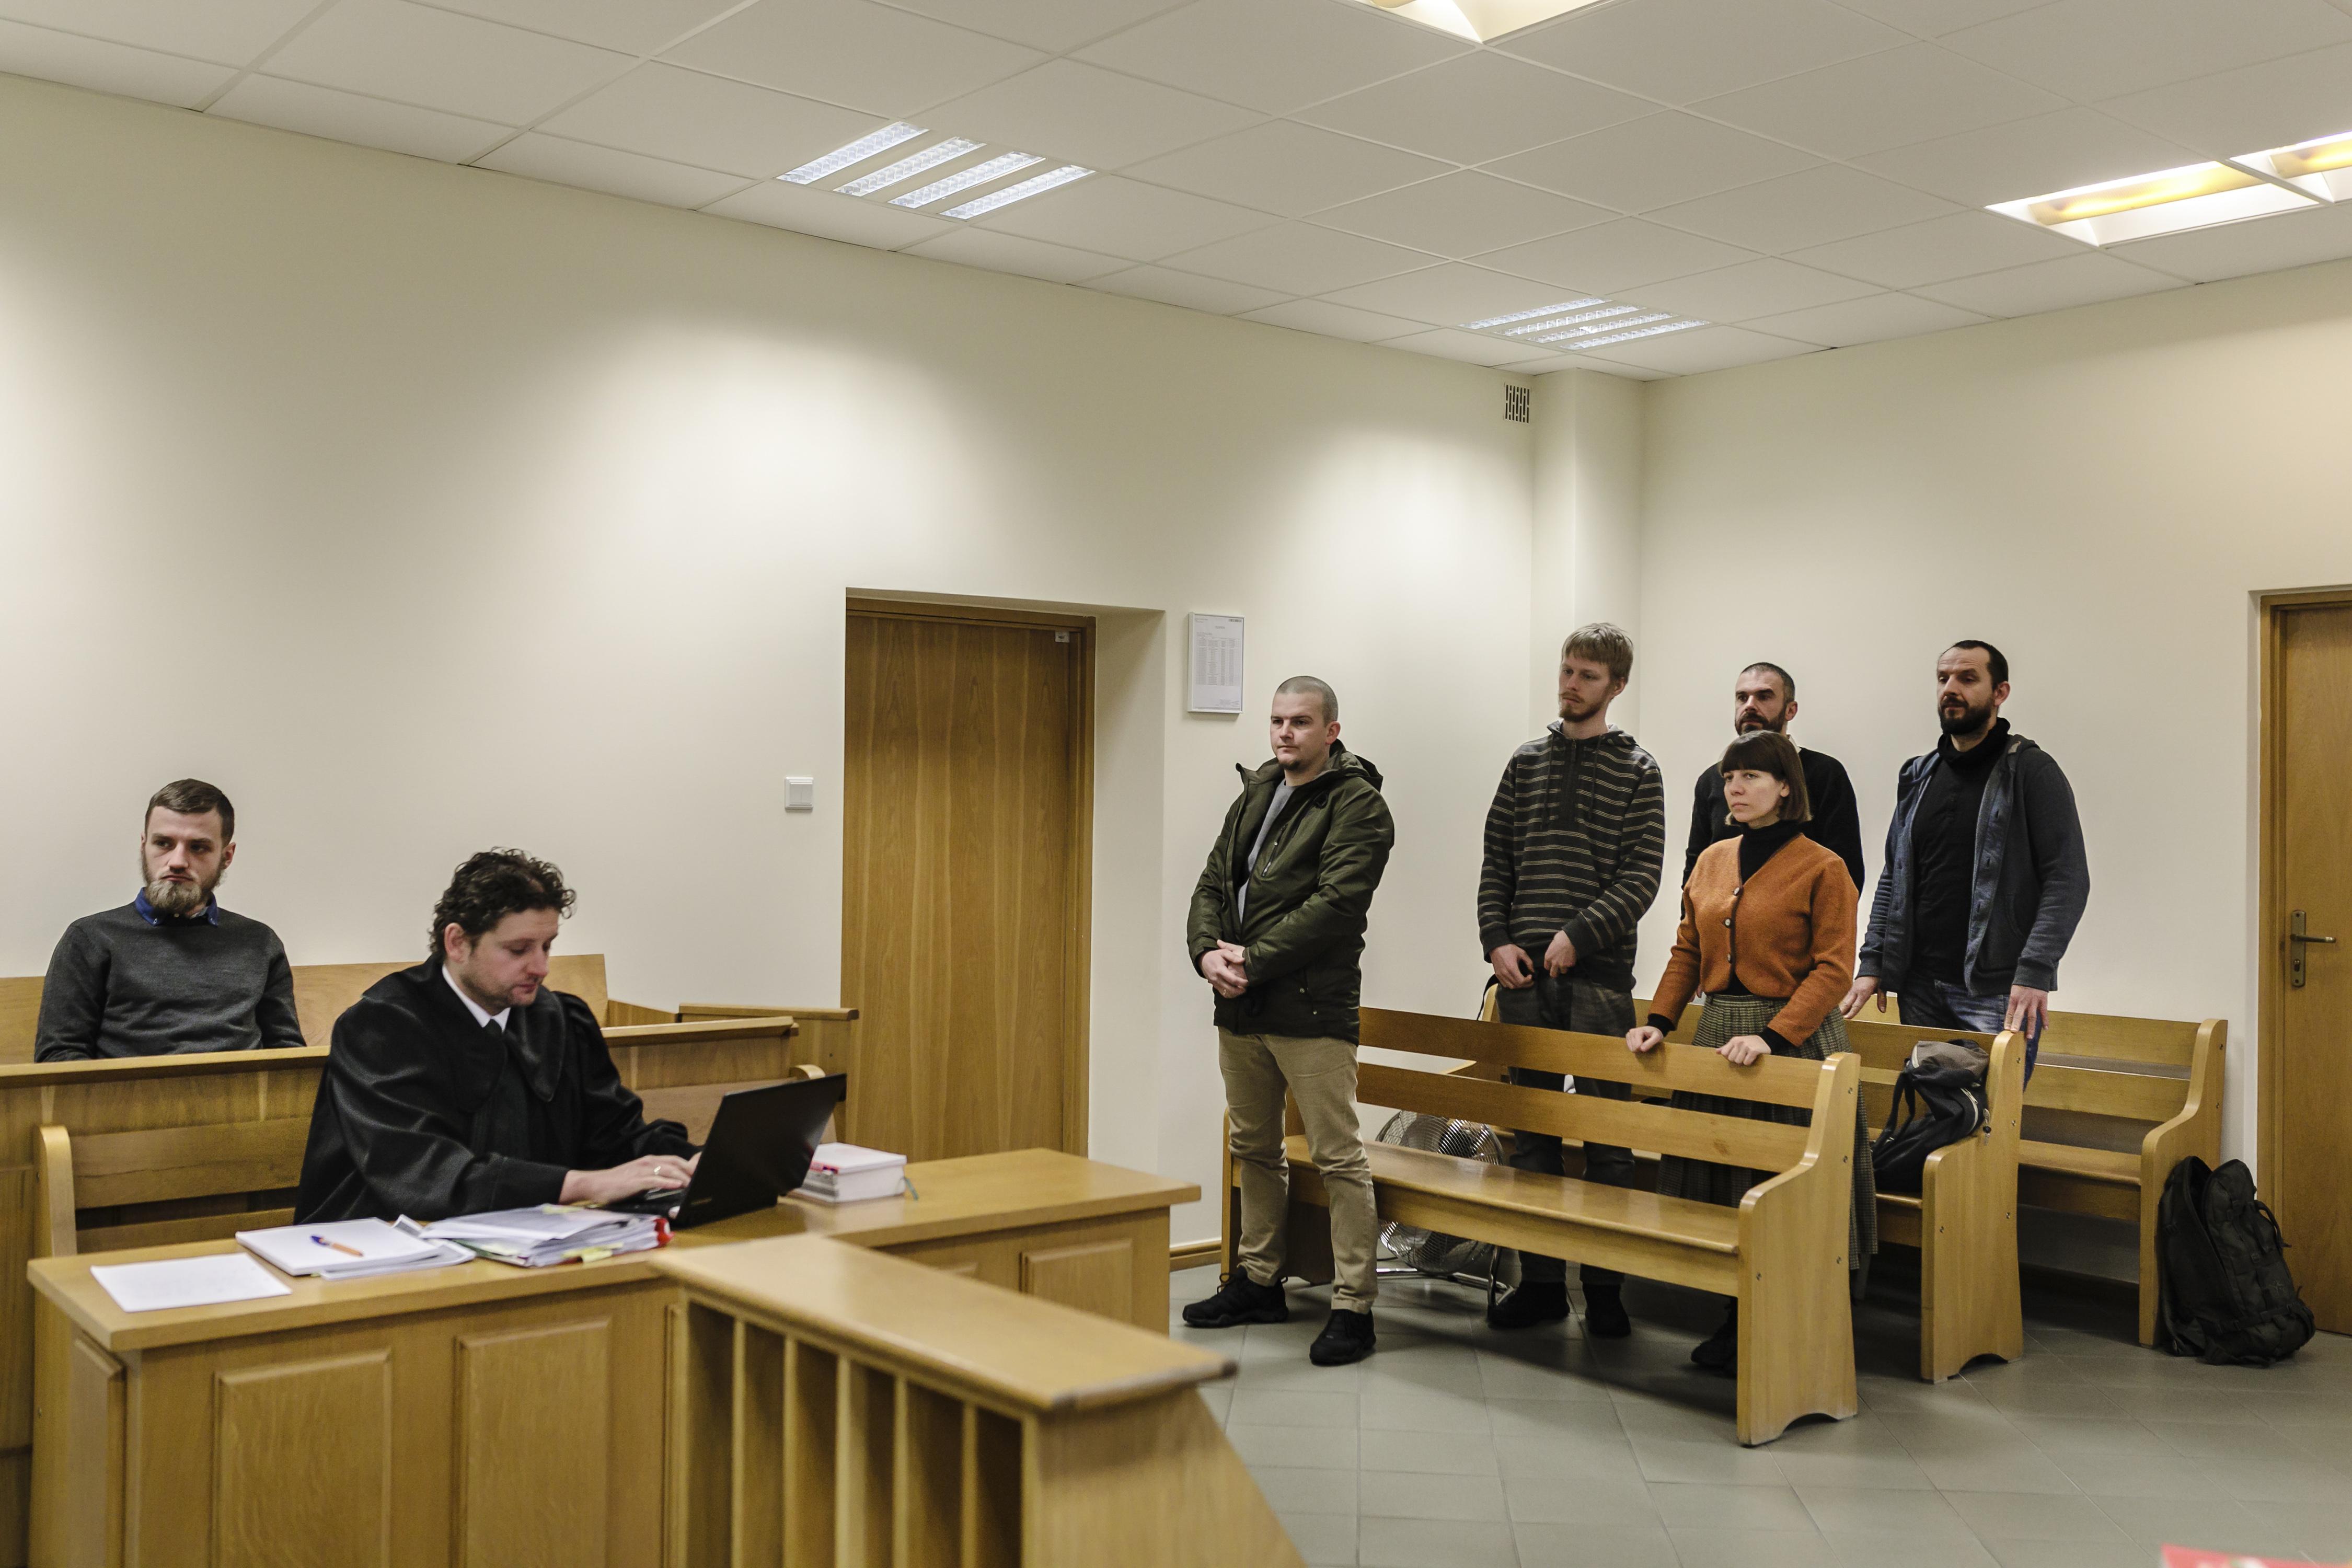 El juicio de Lukasz Lyskawka, a la izquierda, un activista condenado por el ataque a guardias forestales (Andrea Mantovani/The New York Times)